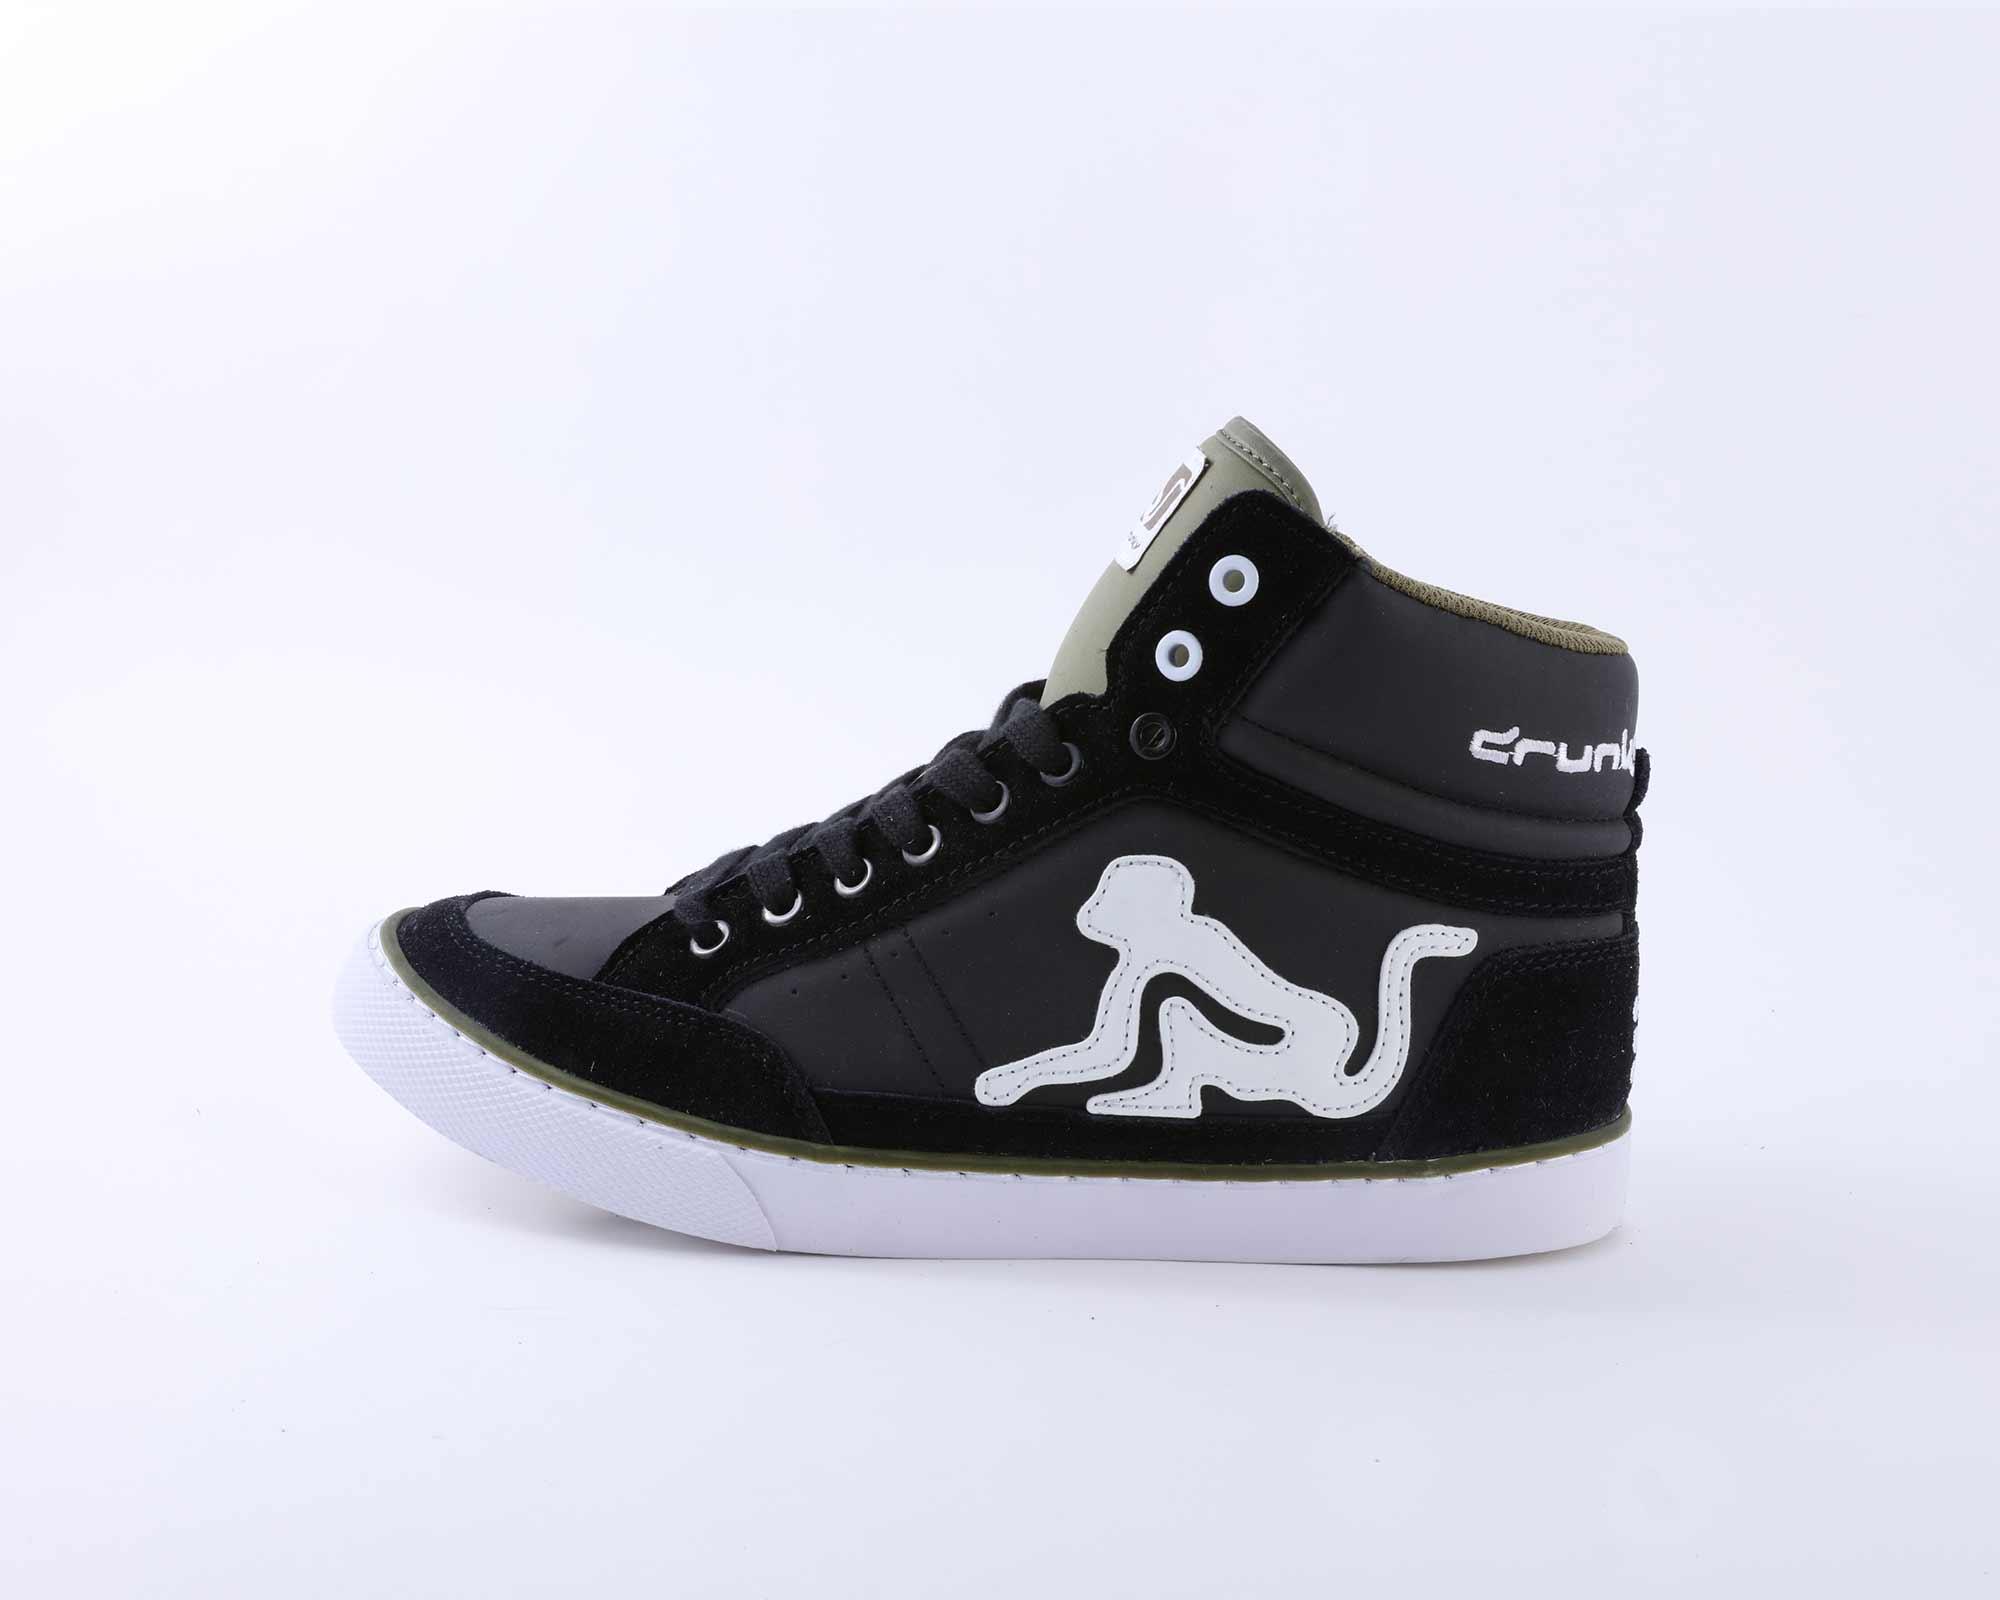 best sneakers a7908 4eb5c drunknmunky-boston-classic-nuova-collezione-black-friday-offerte-legnano-gallarate-mantova-lecco-bologna-roma.jpg